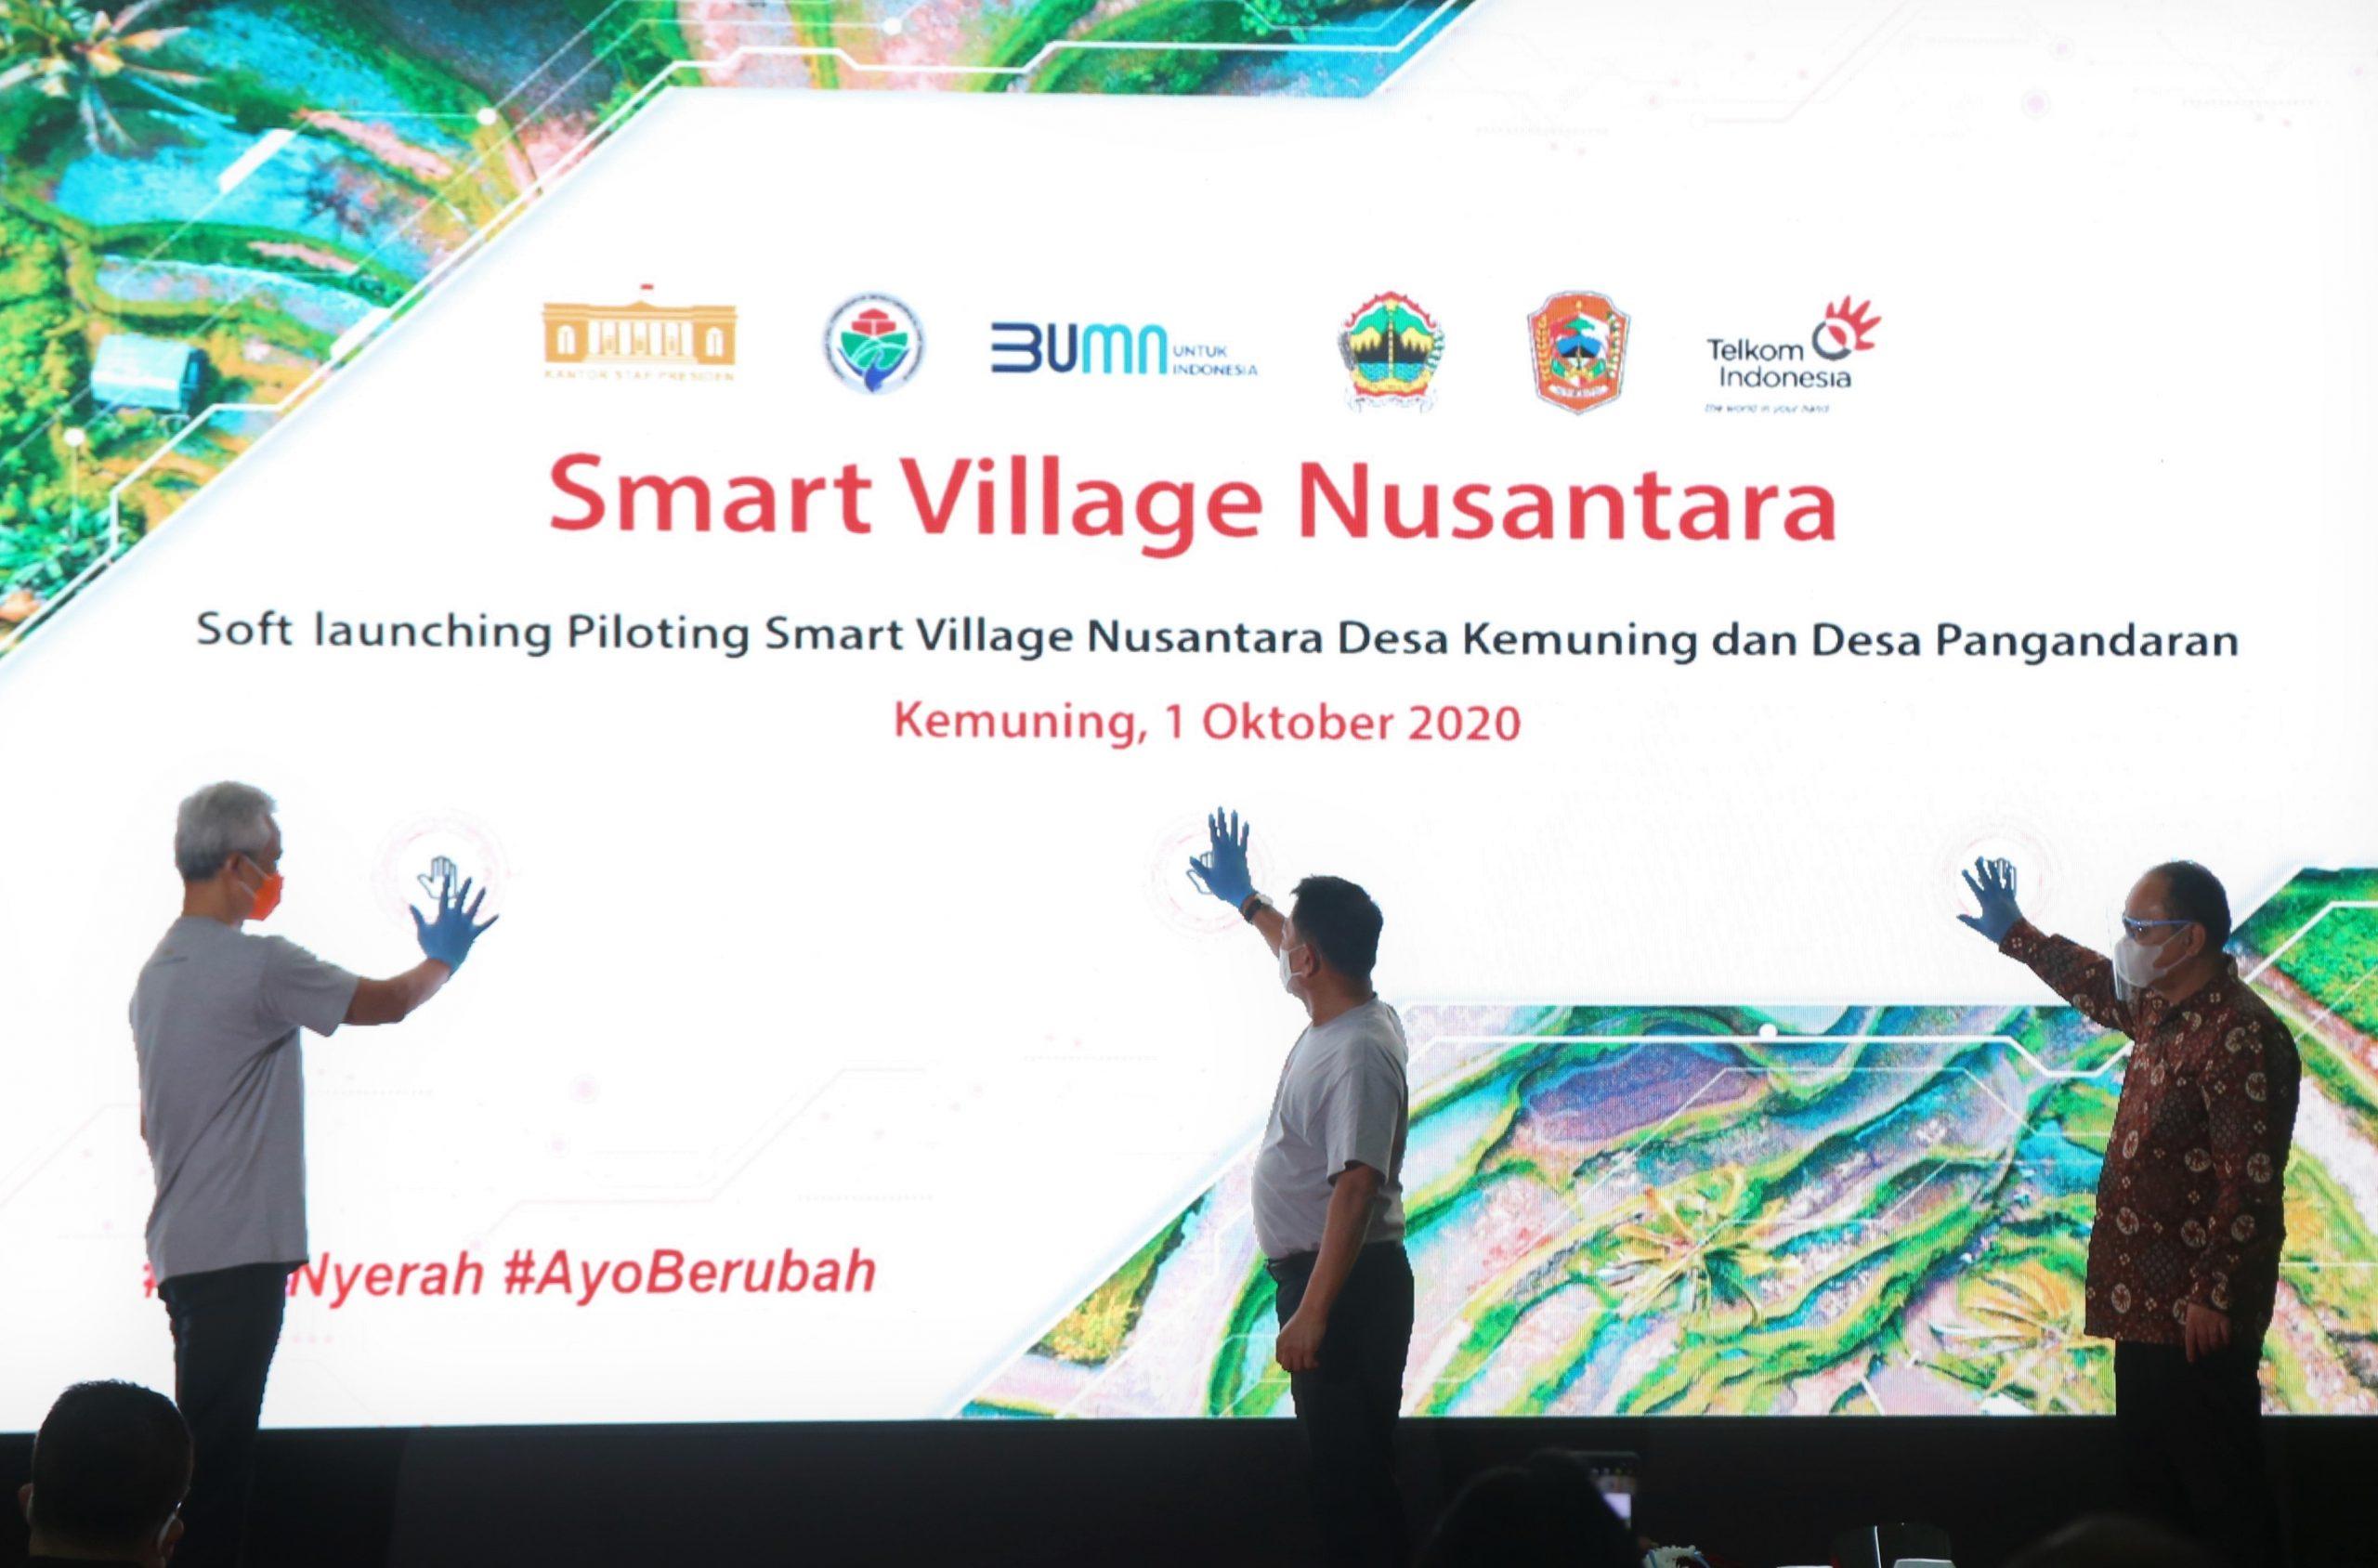 Smart Village Nusantara